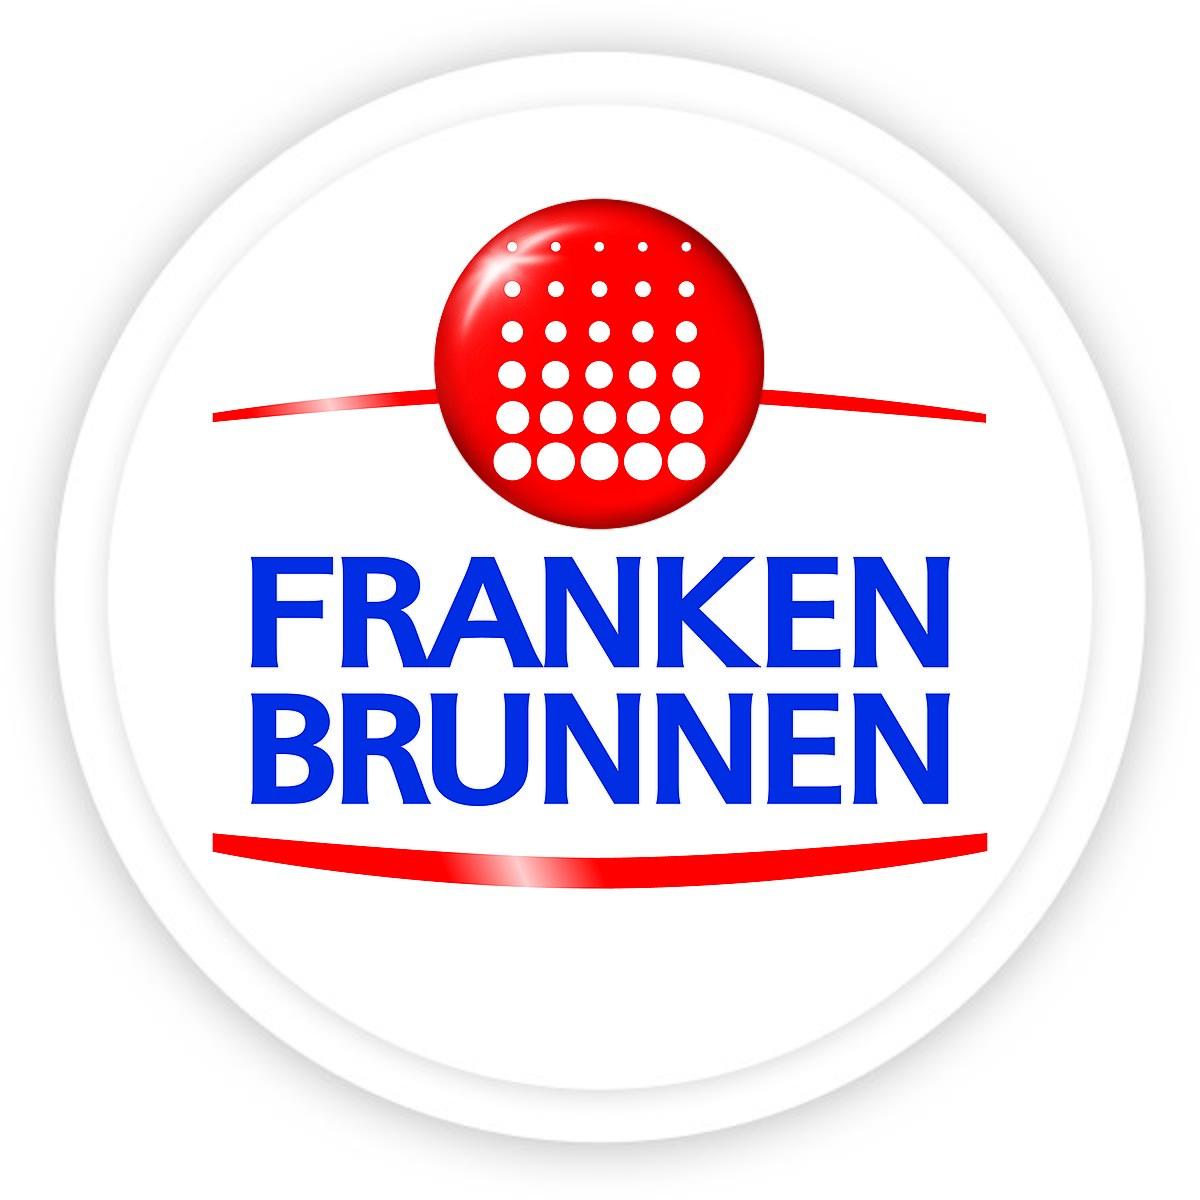 Franken Brunnen – Wikipedia